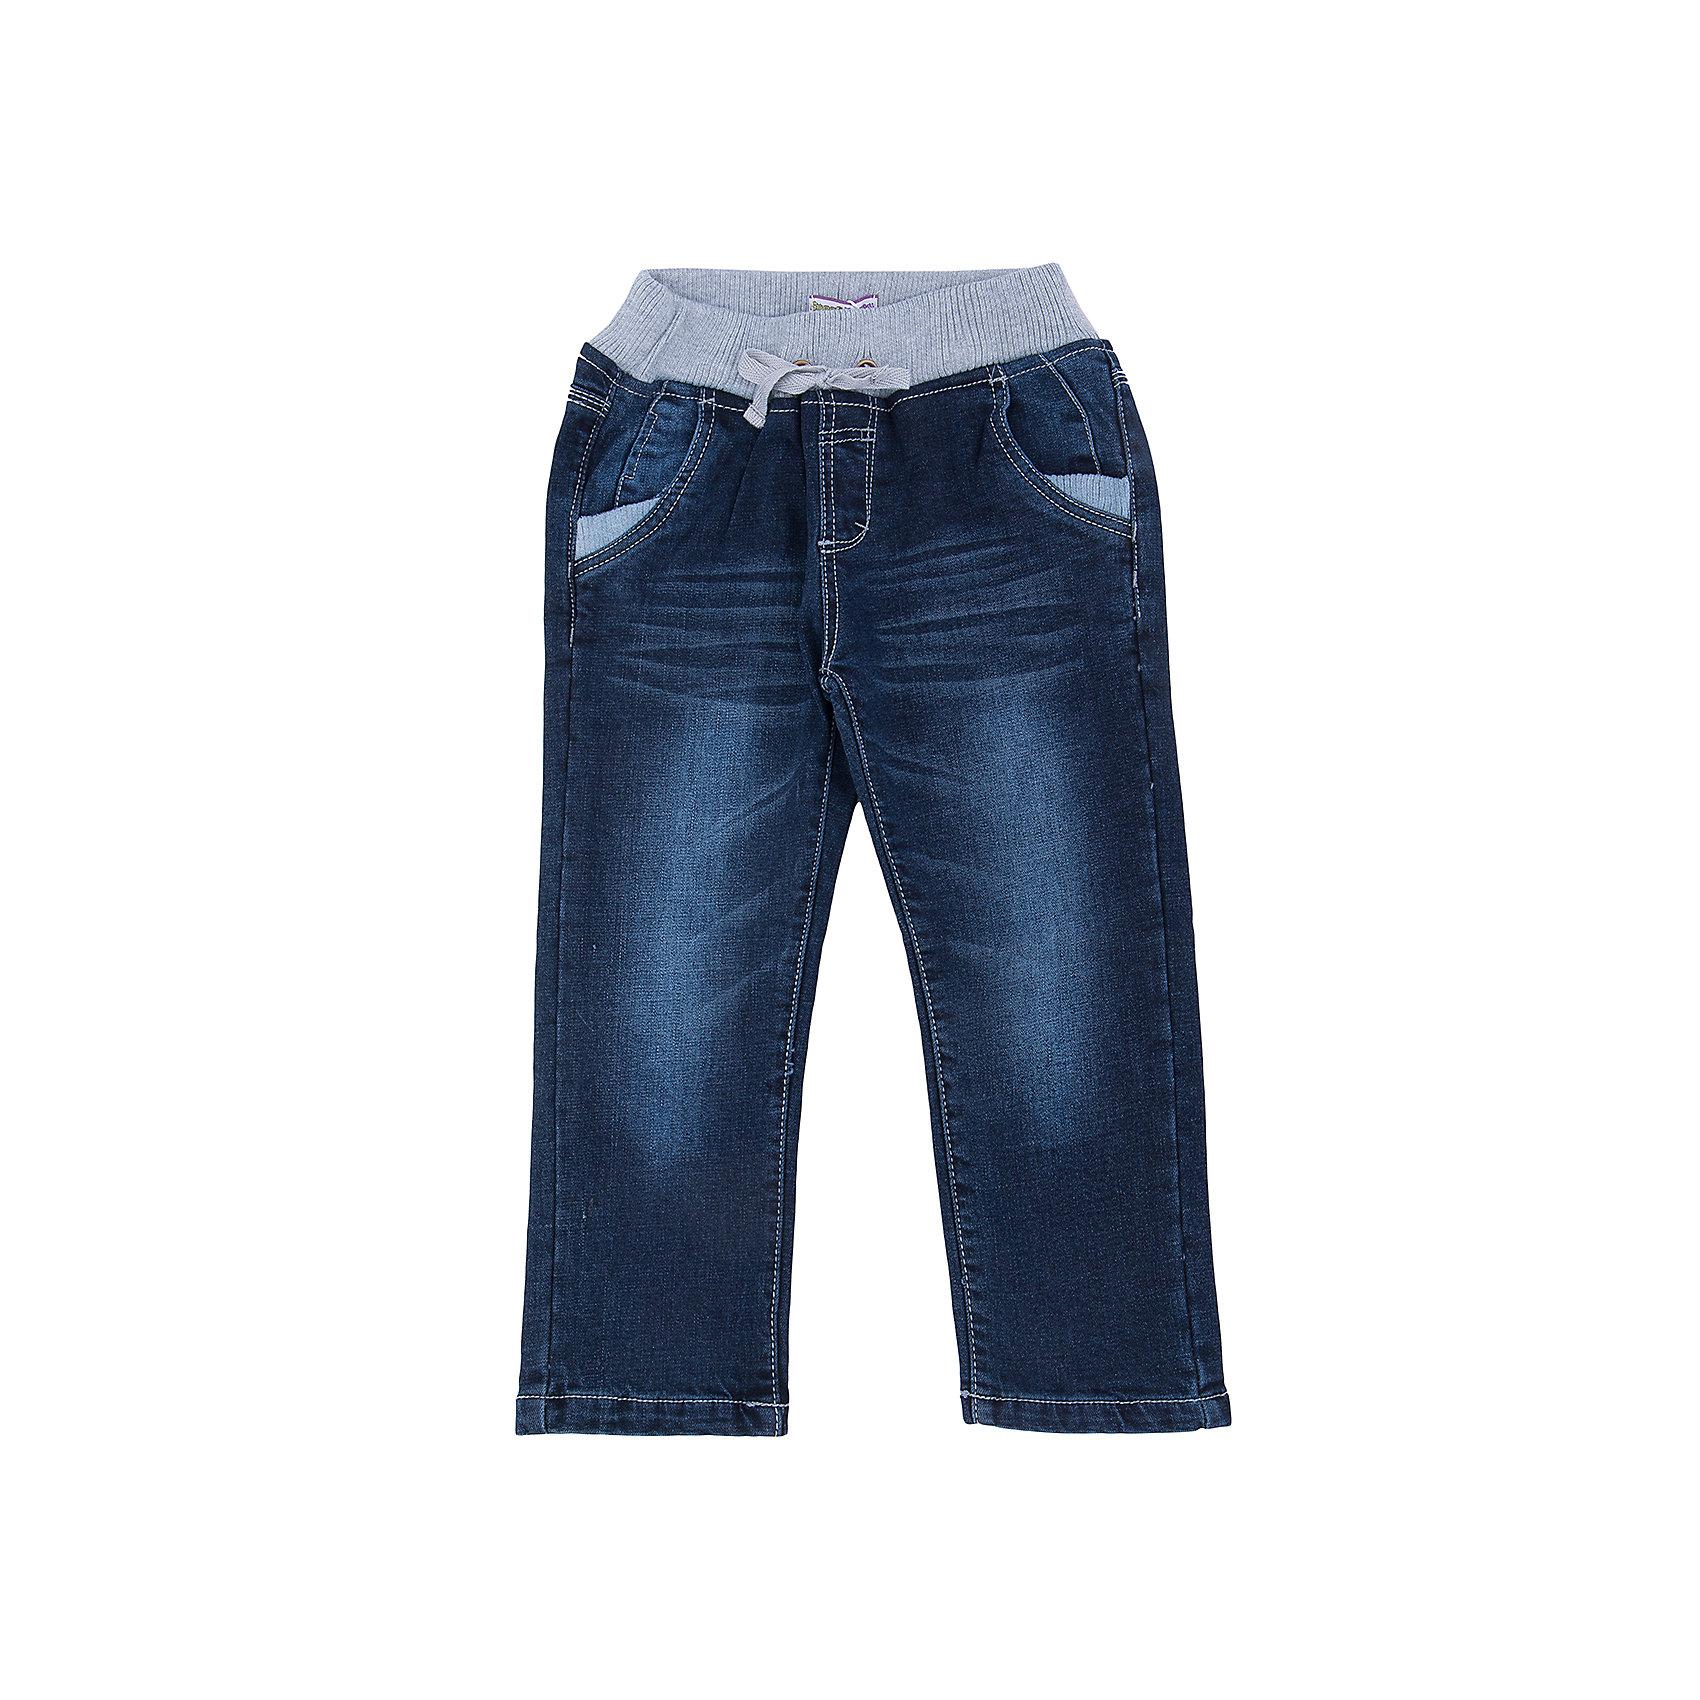 Джинсы для мальчика Sweet BerryДжинсы<br>Такая модель брюк для мальчика отличается мягким и приятным на ощупь материалом. Удачный крой обеспечит ребенку комфорт и тепло. Плотная ткань делает вещь идеальной для прохладной погоды. Она плотно прилегает к телу там, где нужно, и отлично сидит по фигуре. Брюки имеют резинку и шнурок на талии. <br>Одежда от бренда Sweet Berry - это простой и выгодный способ одеть ребенка удобно и стильно. Всё изделия тщательно проработаны: швы - прочные, материал - качественный, фурнитура - подобранная специально для детей. <br><br>Дополнительная информация:<br><br>цвет: синий;<br>резинка и шнурок на талии;<br>материал: верх - 100% хлопок, подкладка - 100% хлопок.<br><br>Брюки для мальчика от бренда Sweet Berry можно купить в нашем интернет-магазине.<br><br>Ширина мм: 215<br>Глубина мм: 88<br>Высота мм: 191<br>Вес г: 336<br>Цвет: синий<br>Возраст от месяцев: 36<br>Возраст до месяцев: 48<br>Пол: Мужской<br>Возраст: Детский<br>Размер: 116,110,104,98,128,122<br>SKU: 4930016